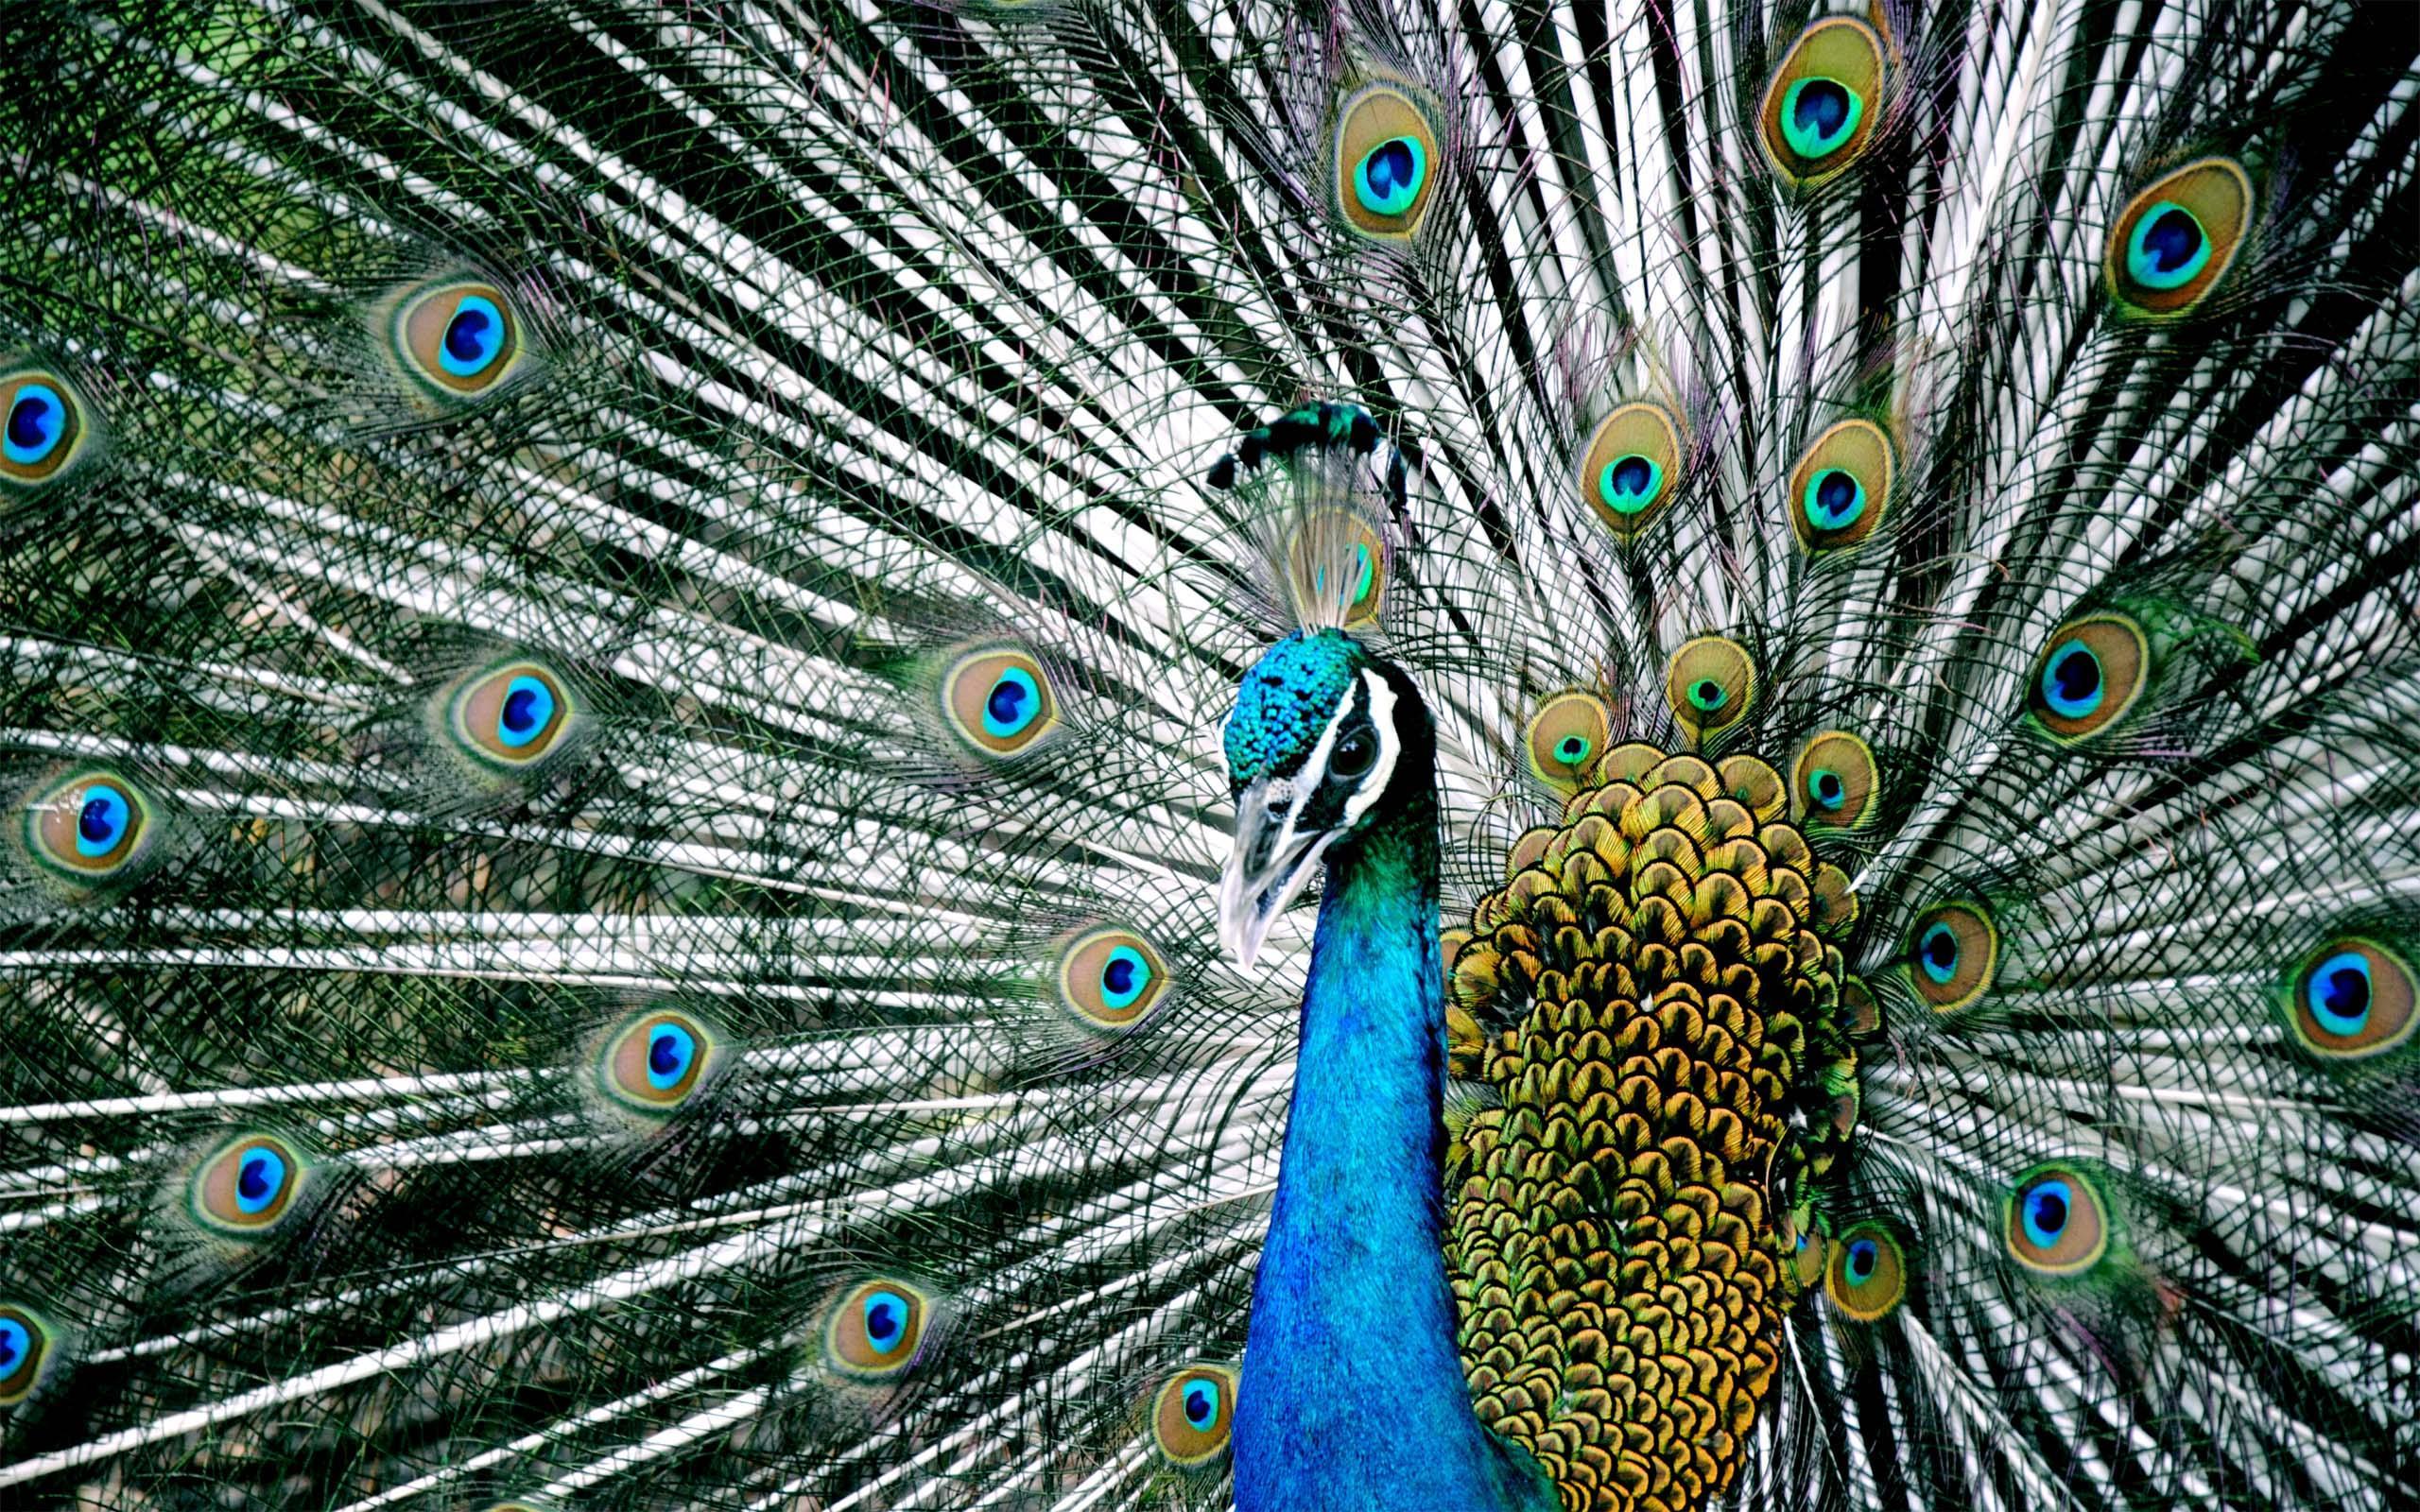 Peacock Blue Wallpaper Wallpapersafari